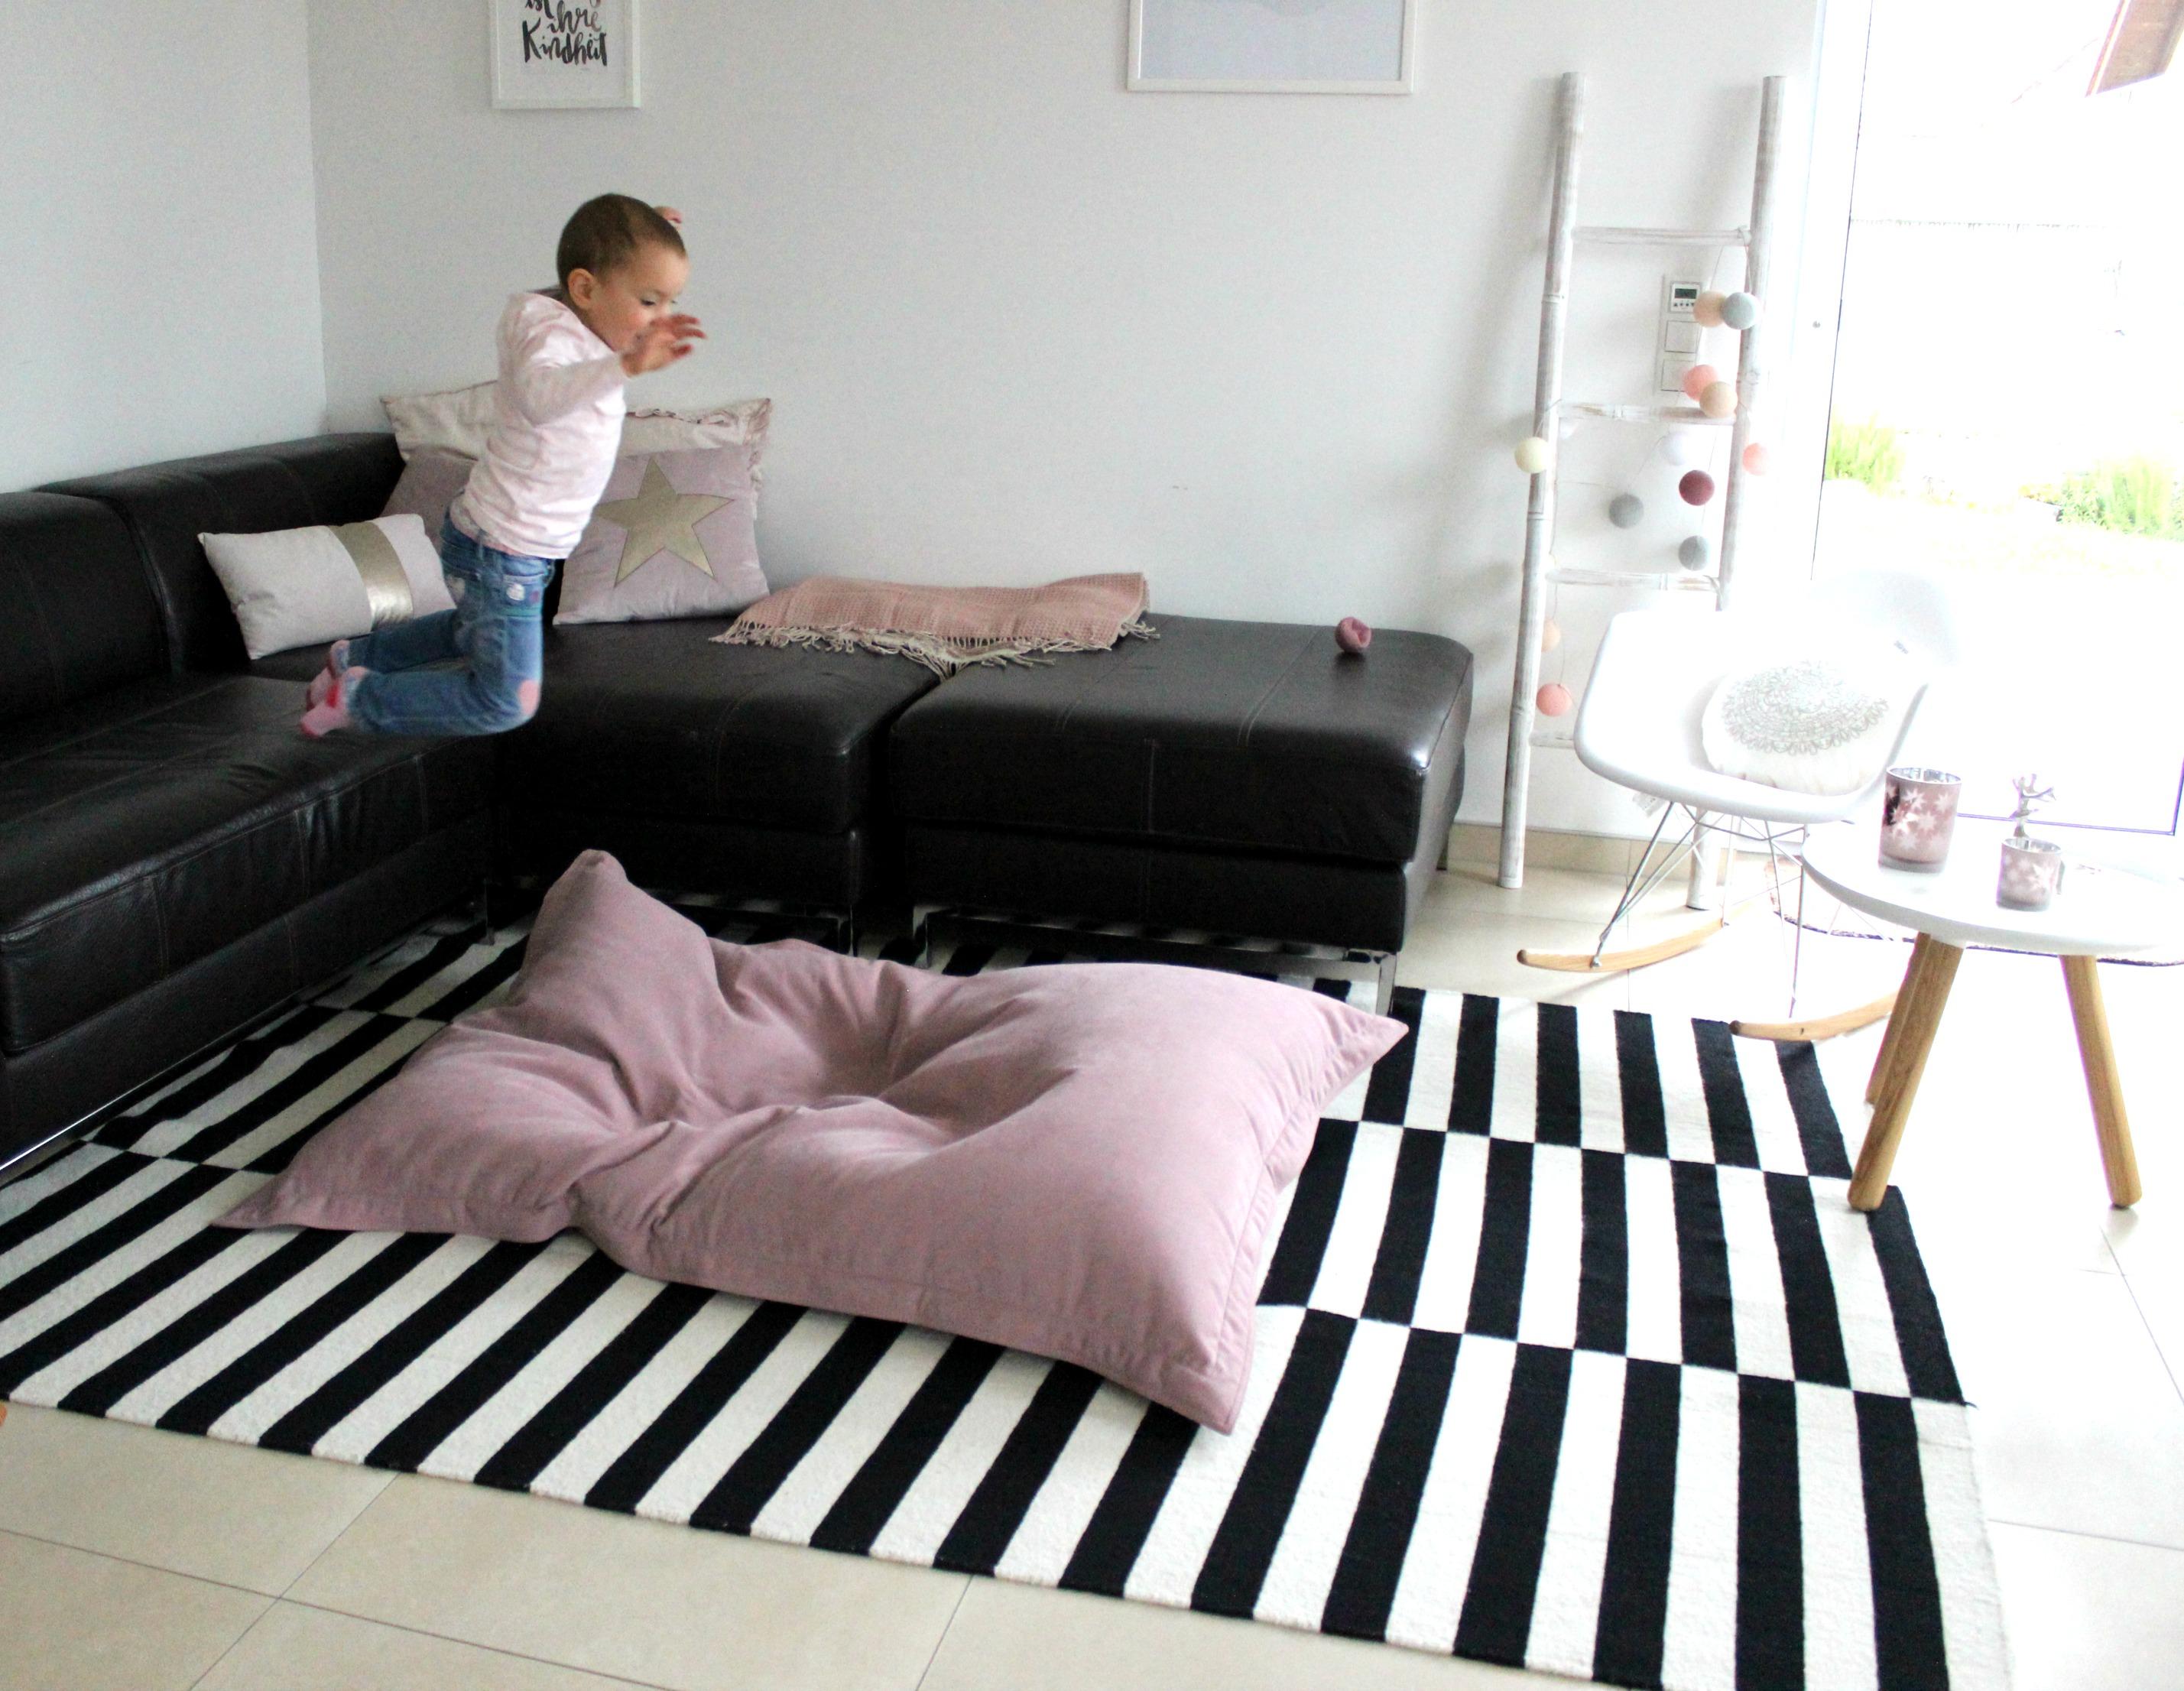 kindersitzsack indy von qsack interior wohnen mit kindern. Black Bedroom Furniture Sets. Home Design Ideas